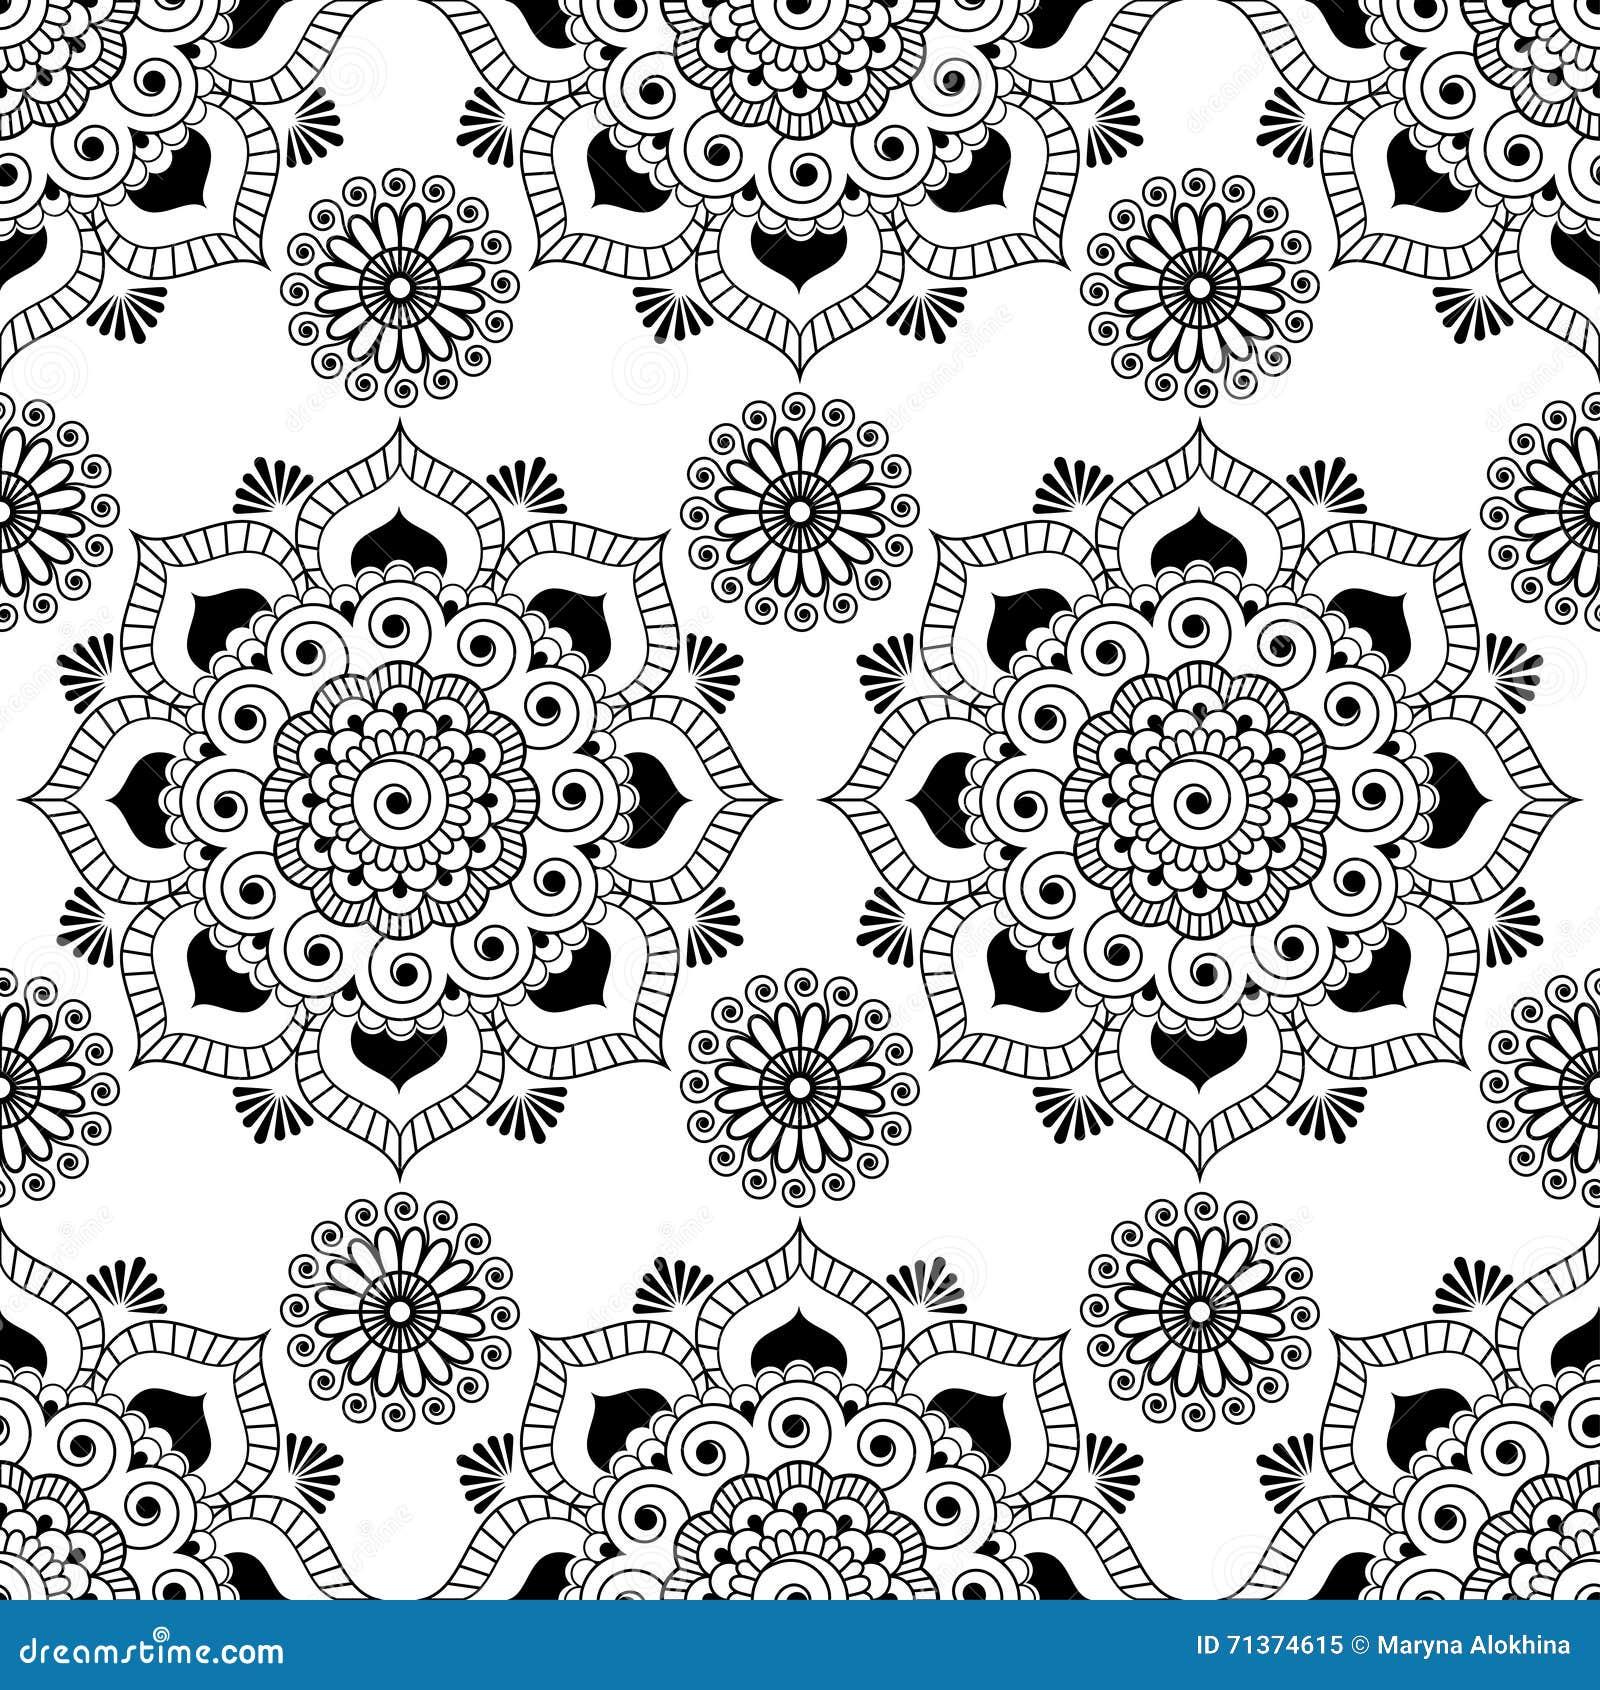 133bdbfc50 Fondo senza cuciture del modello con gli elementi in bianco e nero della  decorazione di buta